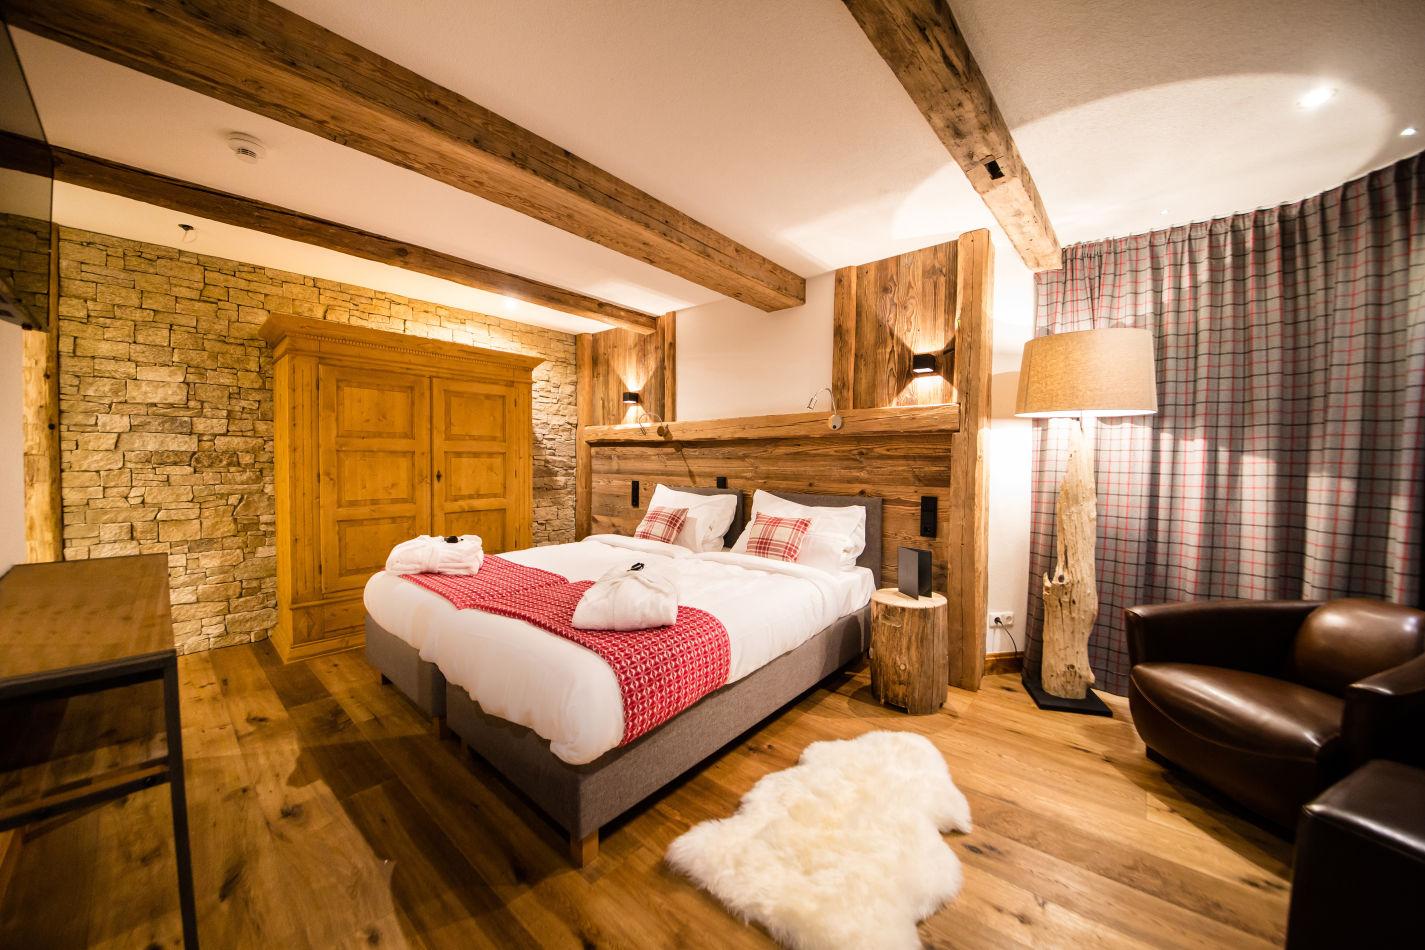 53-bedroom-image-4-2